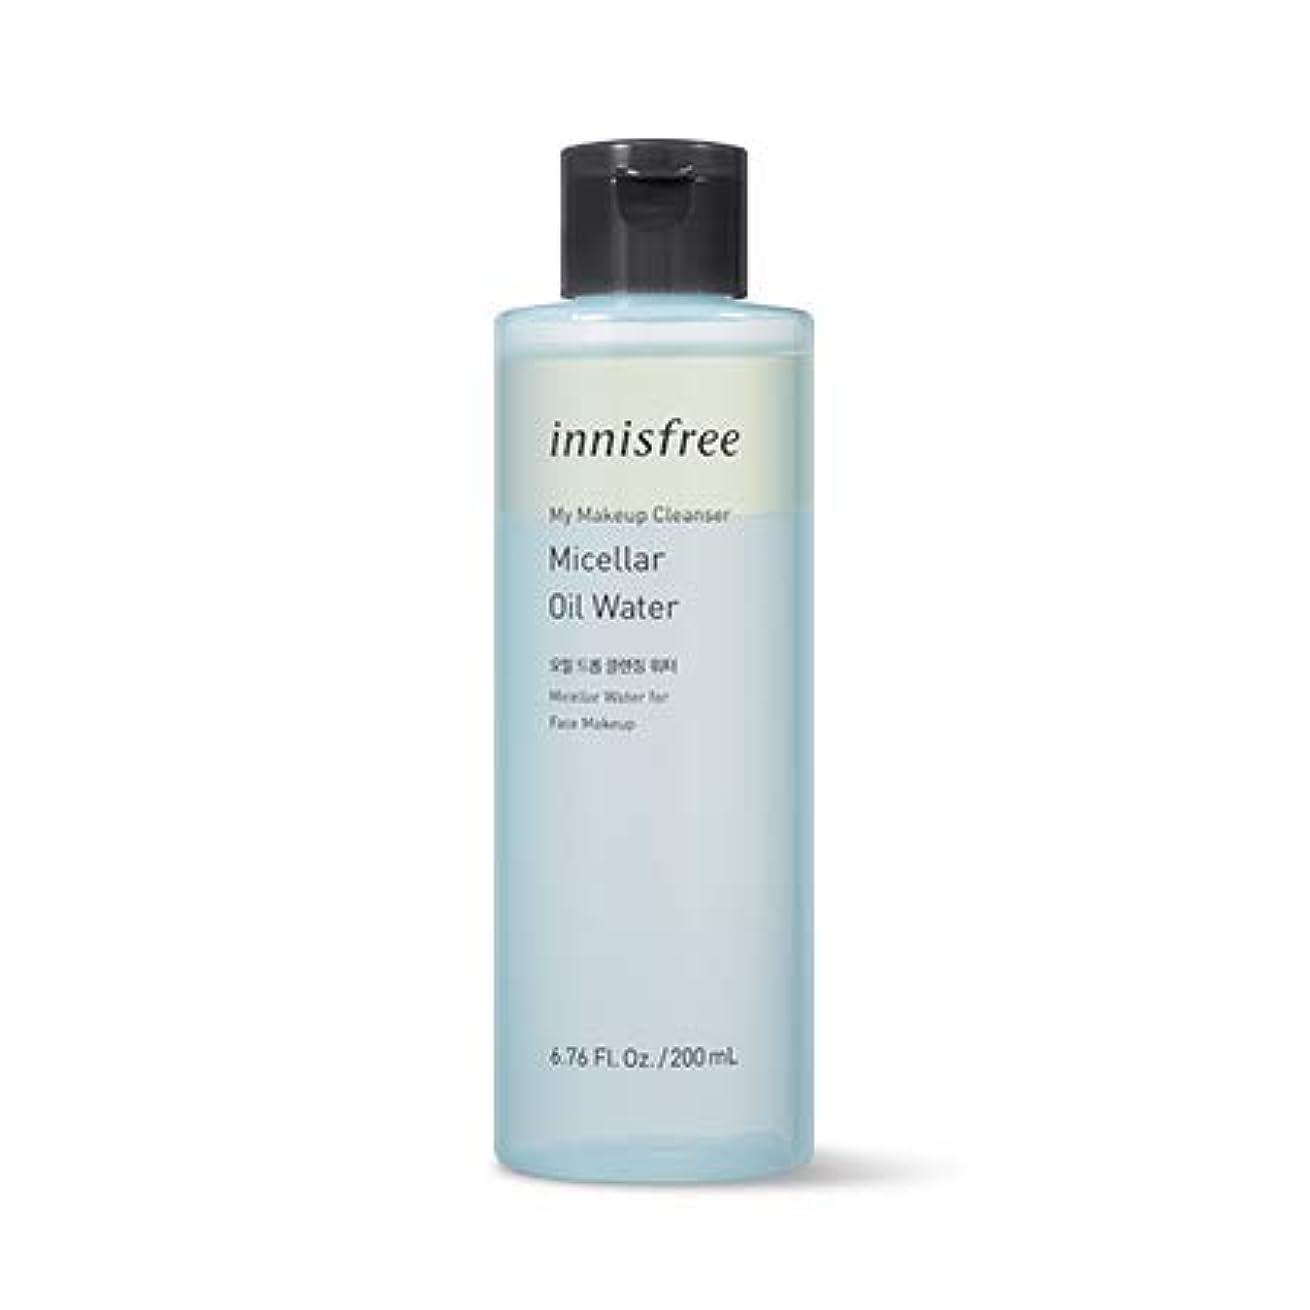 どきどき絶対に遊具【innisfree】マイメイククレンザー - ミシェルとオイルウォーター200mL My Makeup Cleanser - Micellar Oil Water